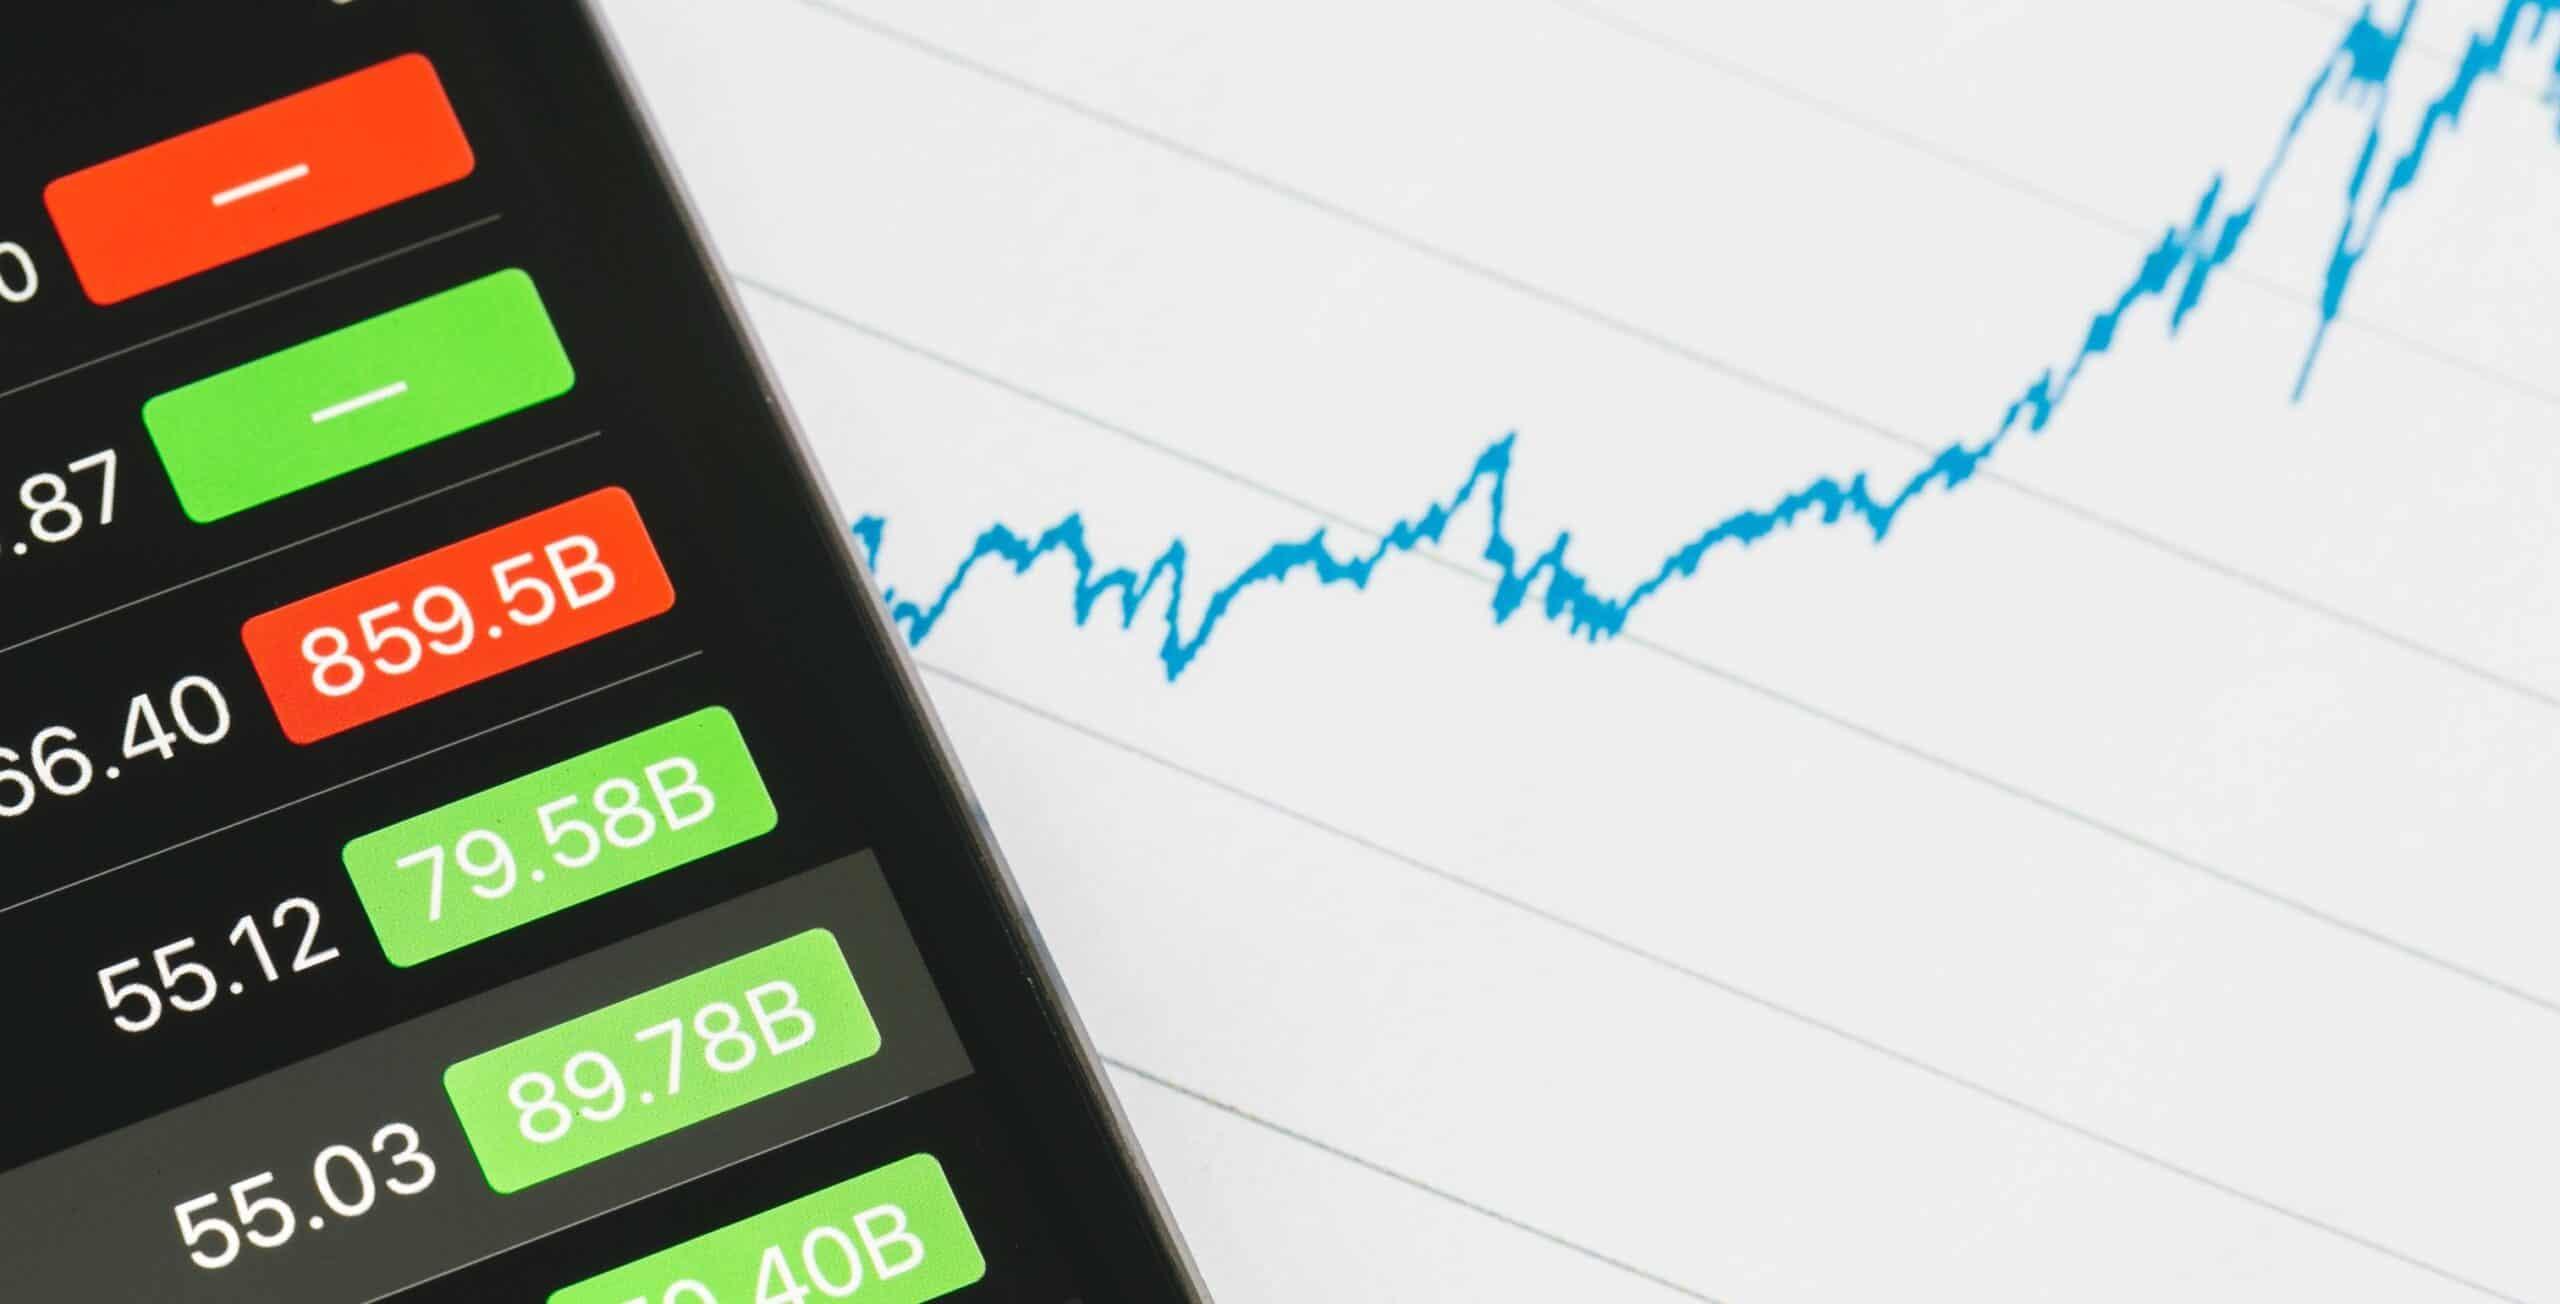 Indexfonder eller aktier